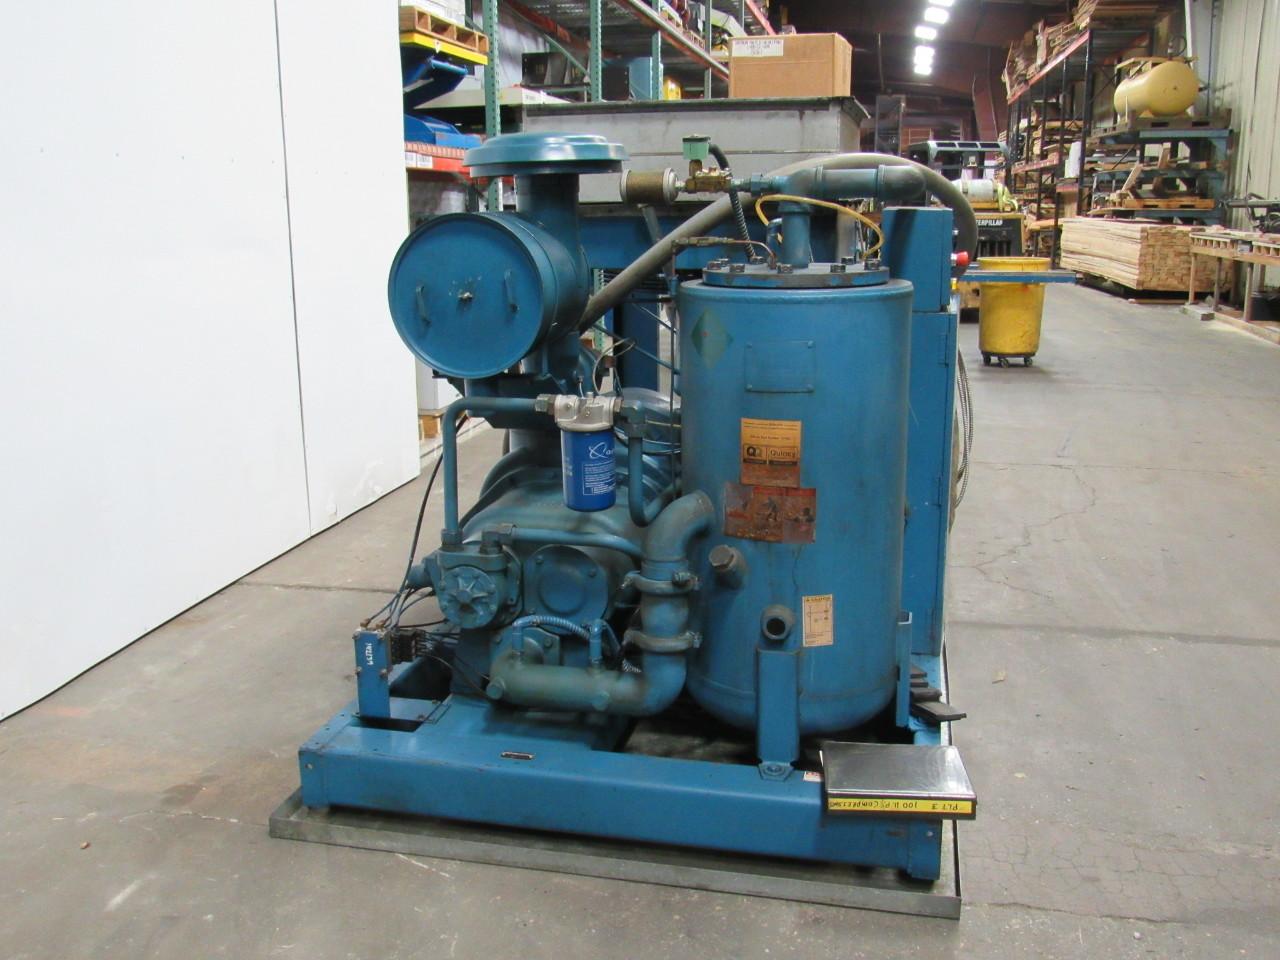 Quincy Qsi 500 Manual Air Compressor Wiring Diagram Array Rh Logoutev De